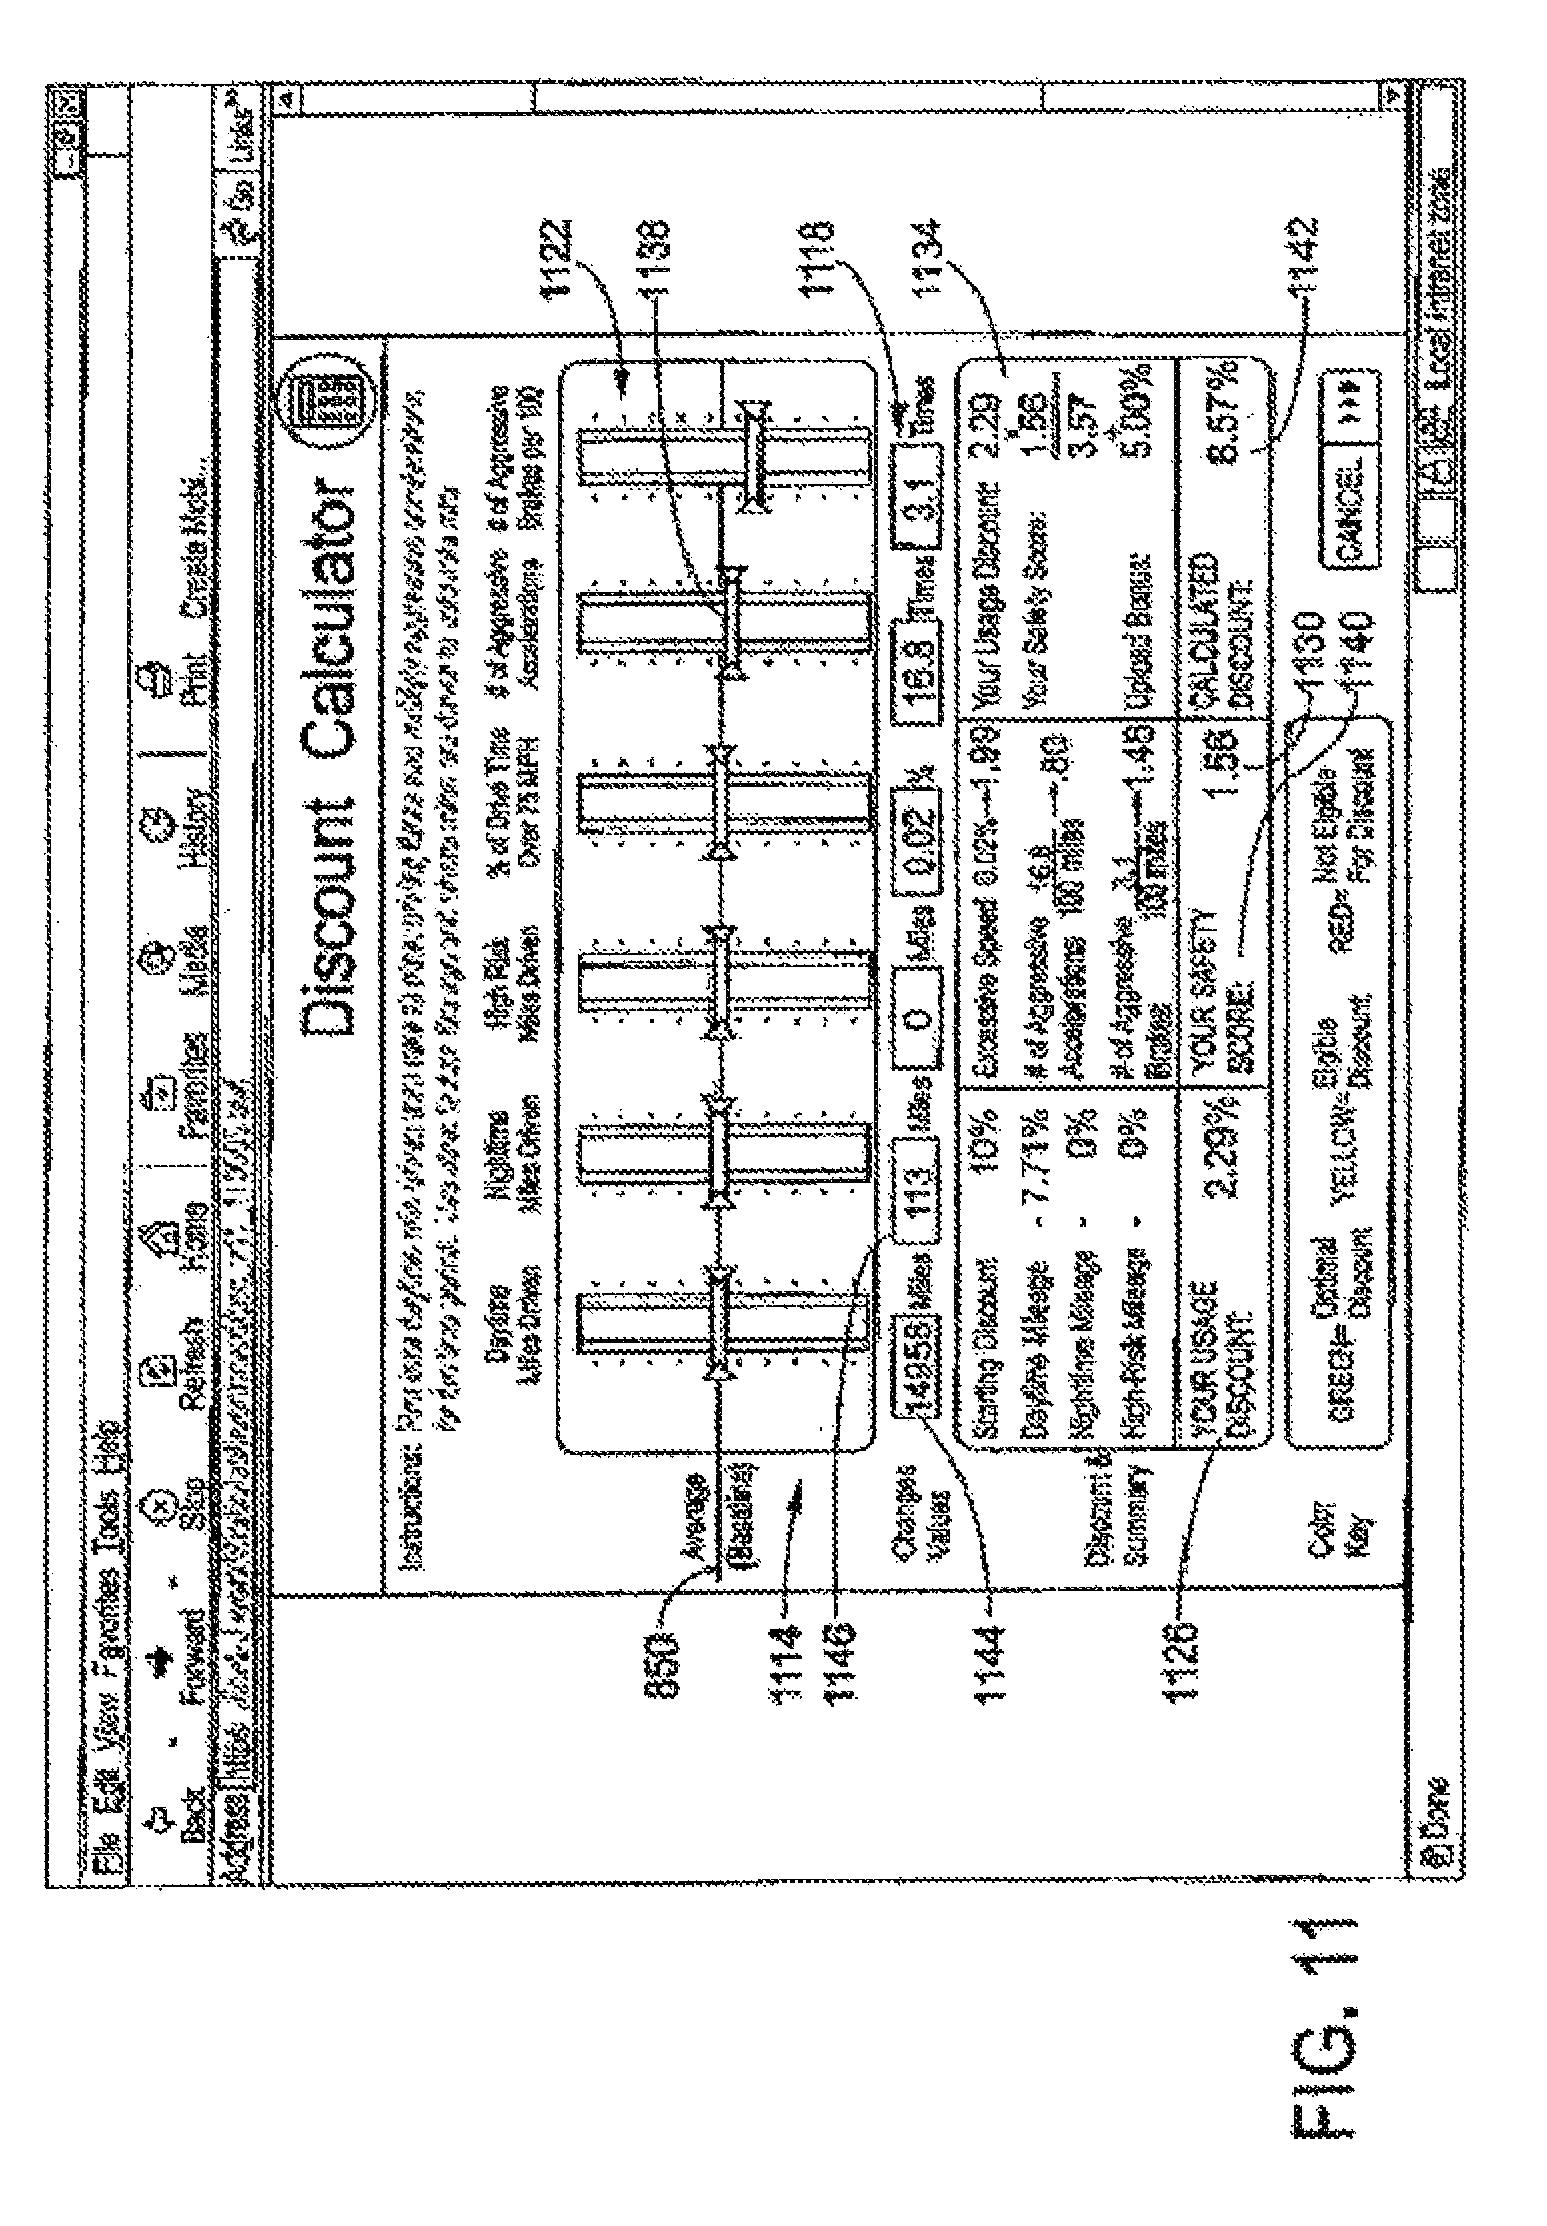 Patent Us 8892451 B2 Wiring Schematics For An Au Quotpremium Sound Systemquot Australian Ford